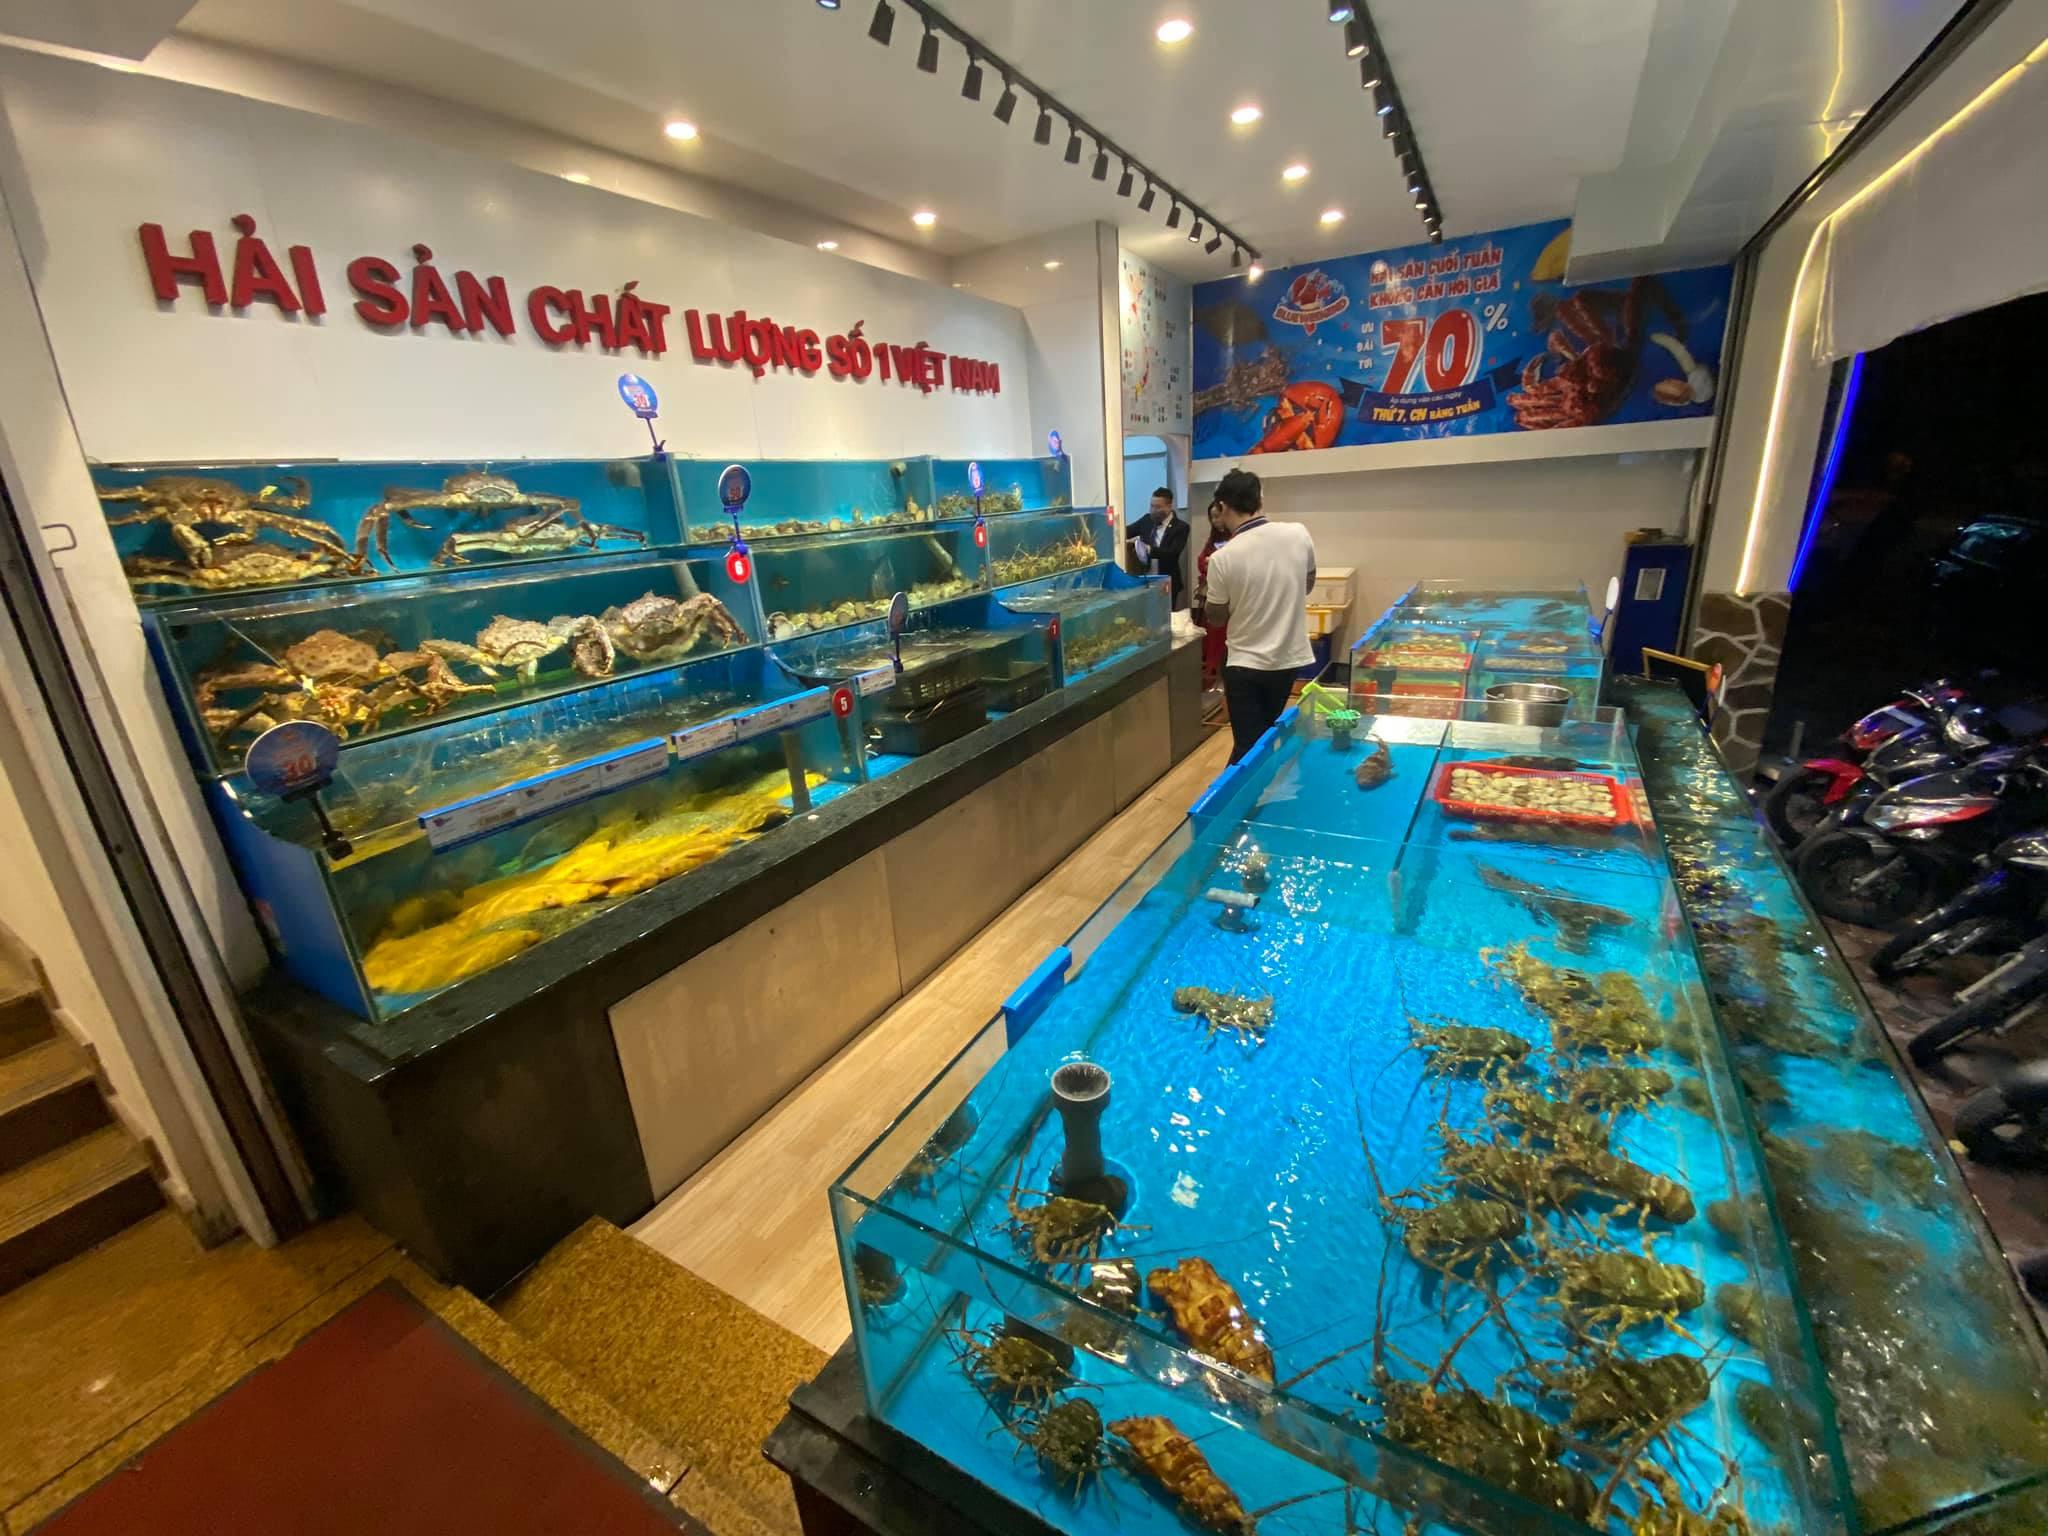 Ảnh: Hệ thống bể tại Thế giới hải sản